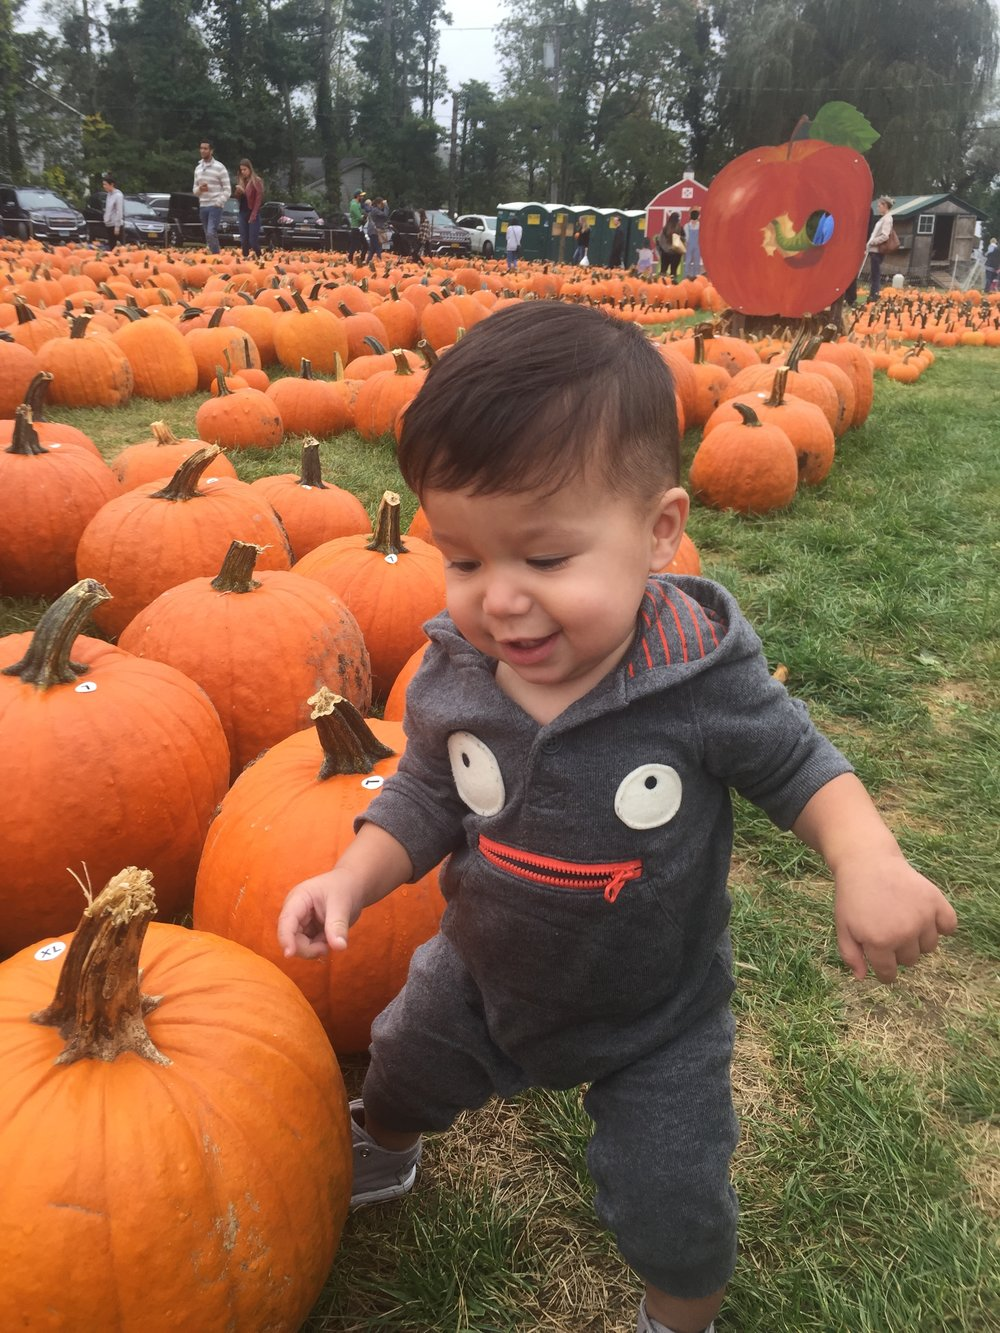 Pumpkin patch fun!